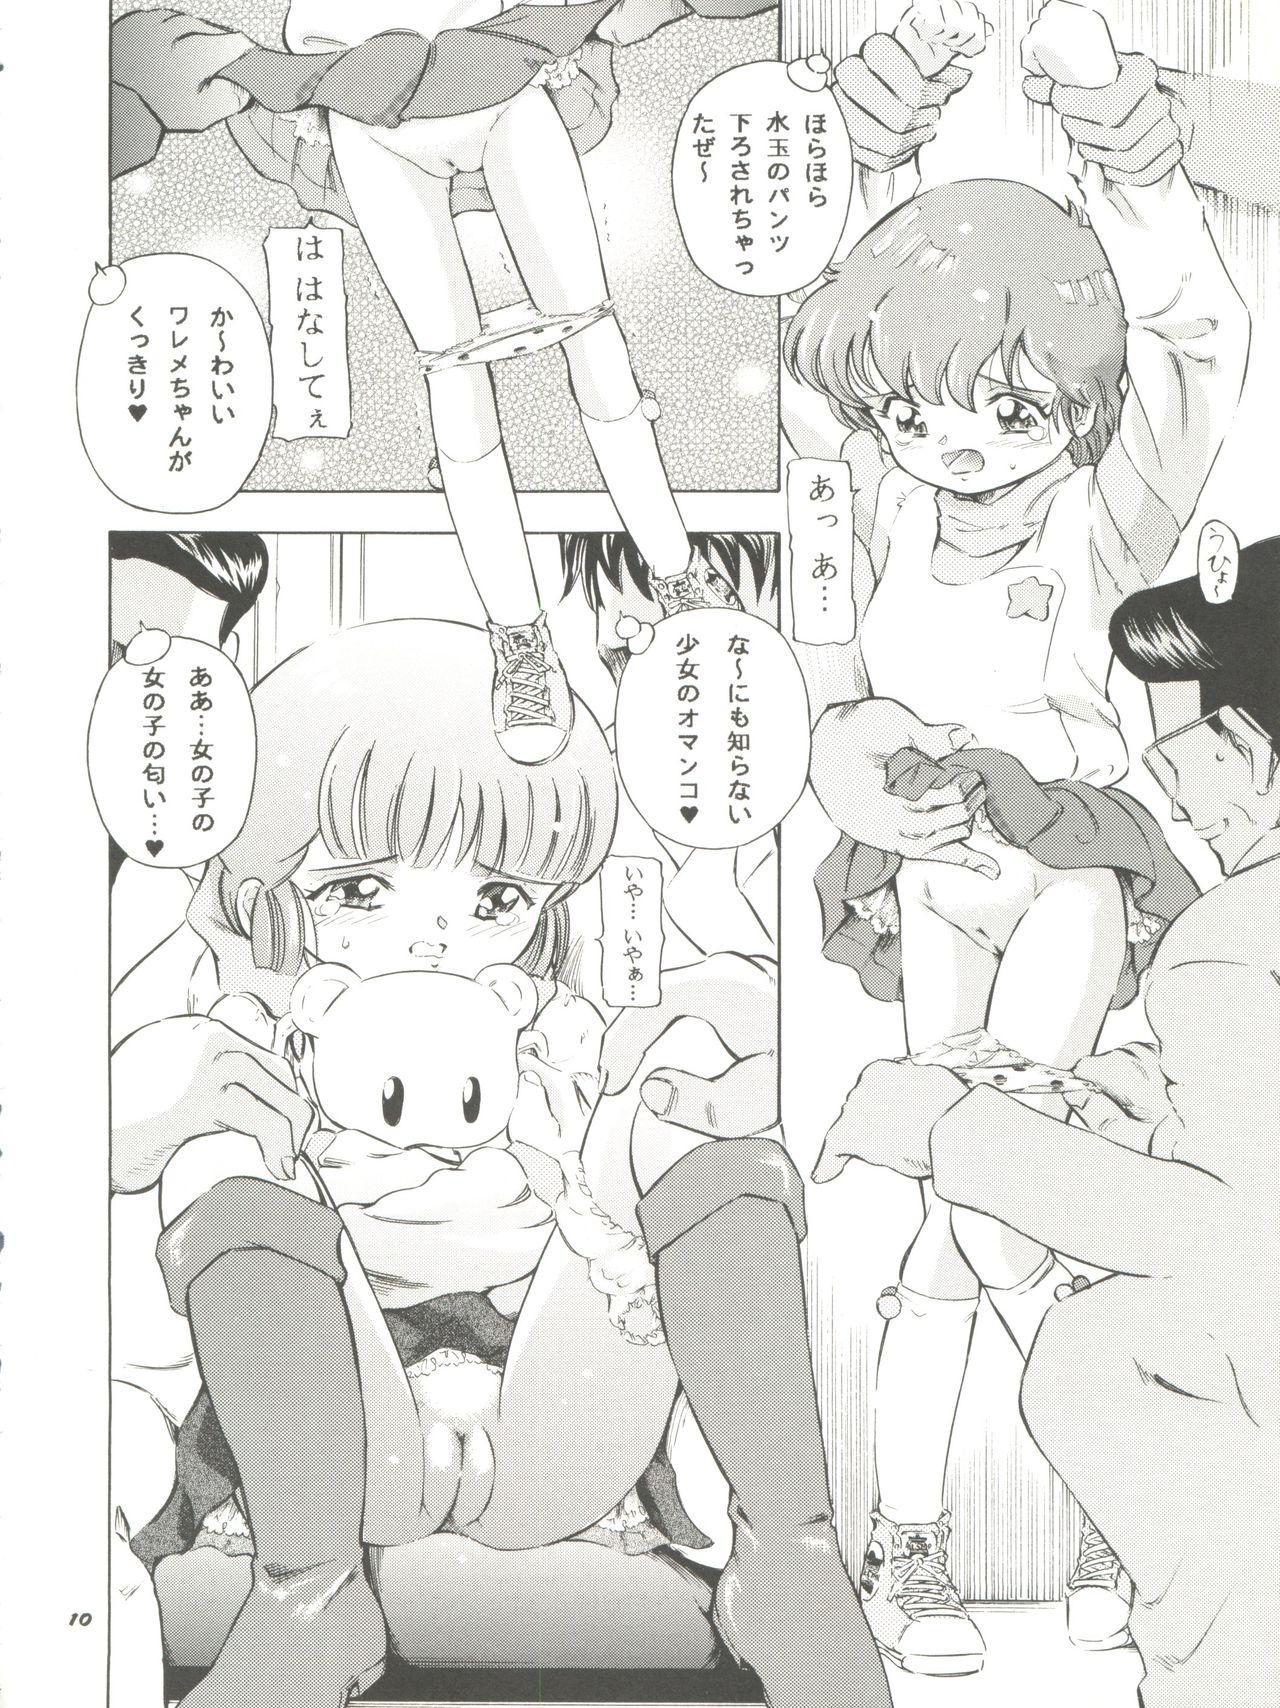 Mahou Kyuushiki 8 - Magical Classic 8 9